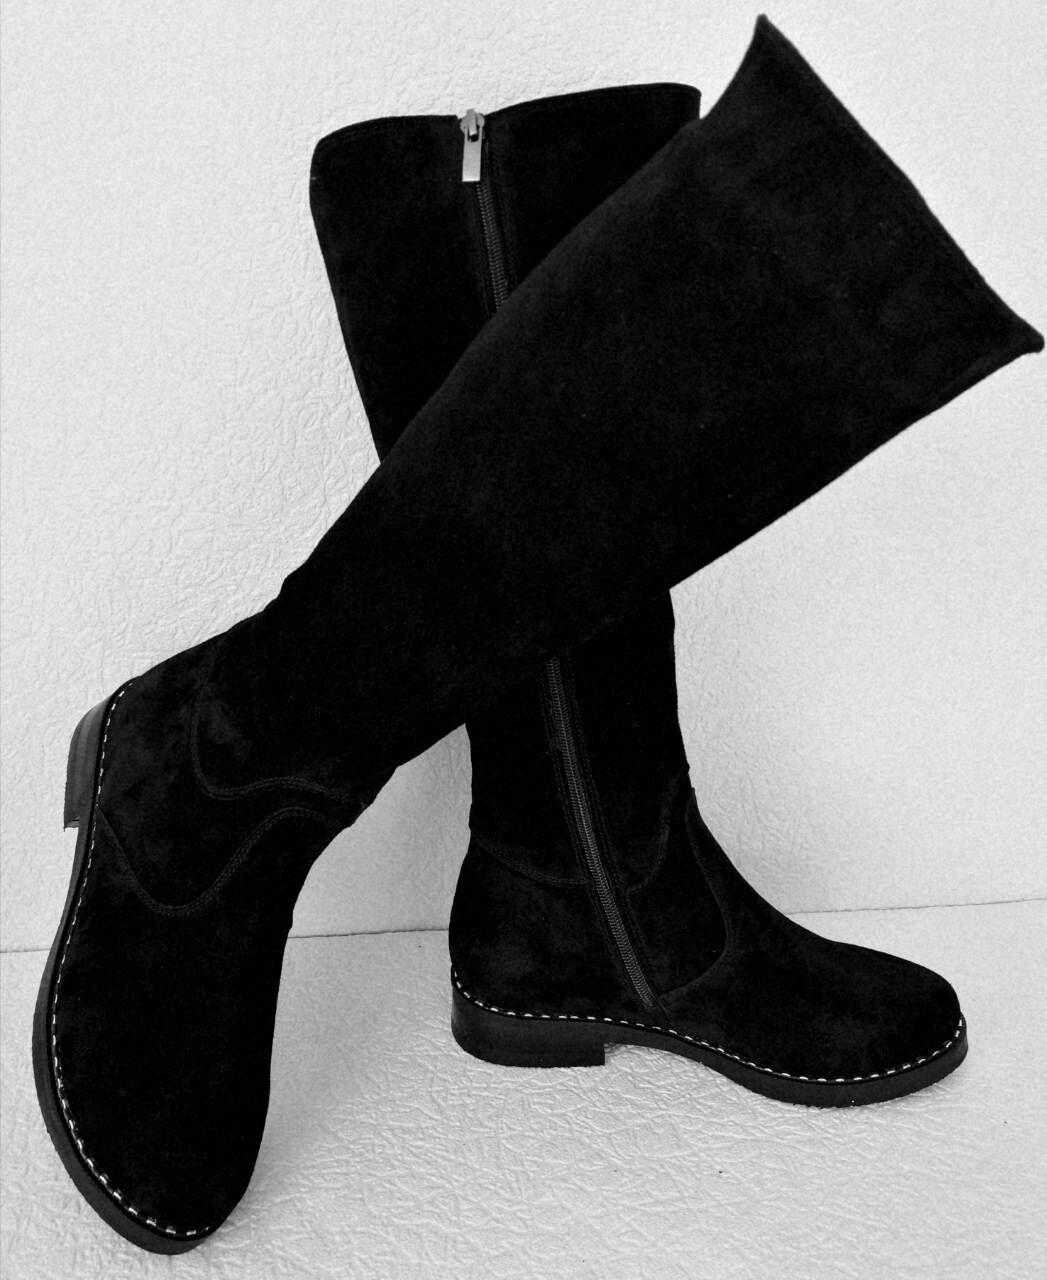 9682ab4cb1381d Зимові жіночі замшеві чоботи Limoda до коліна, зі змійкою, єврозима ...